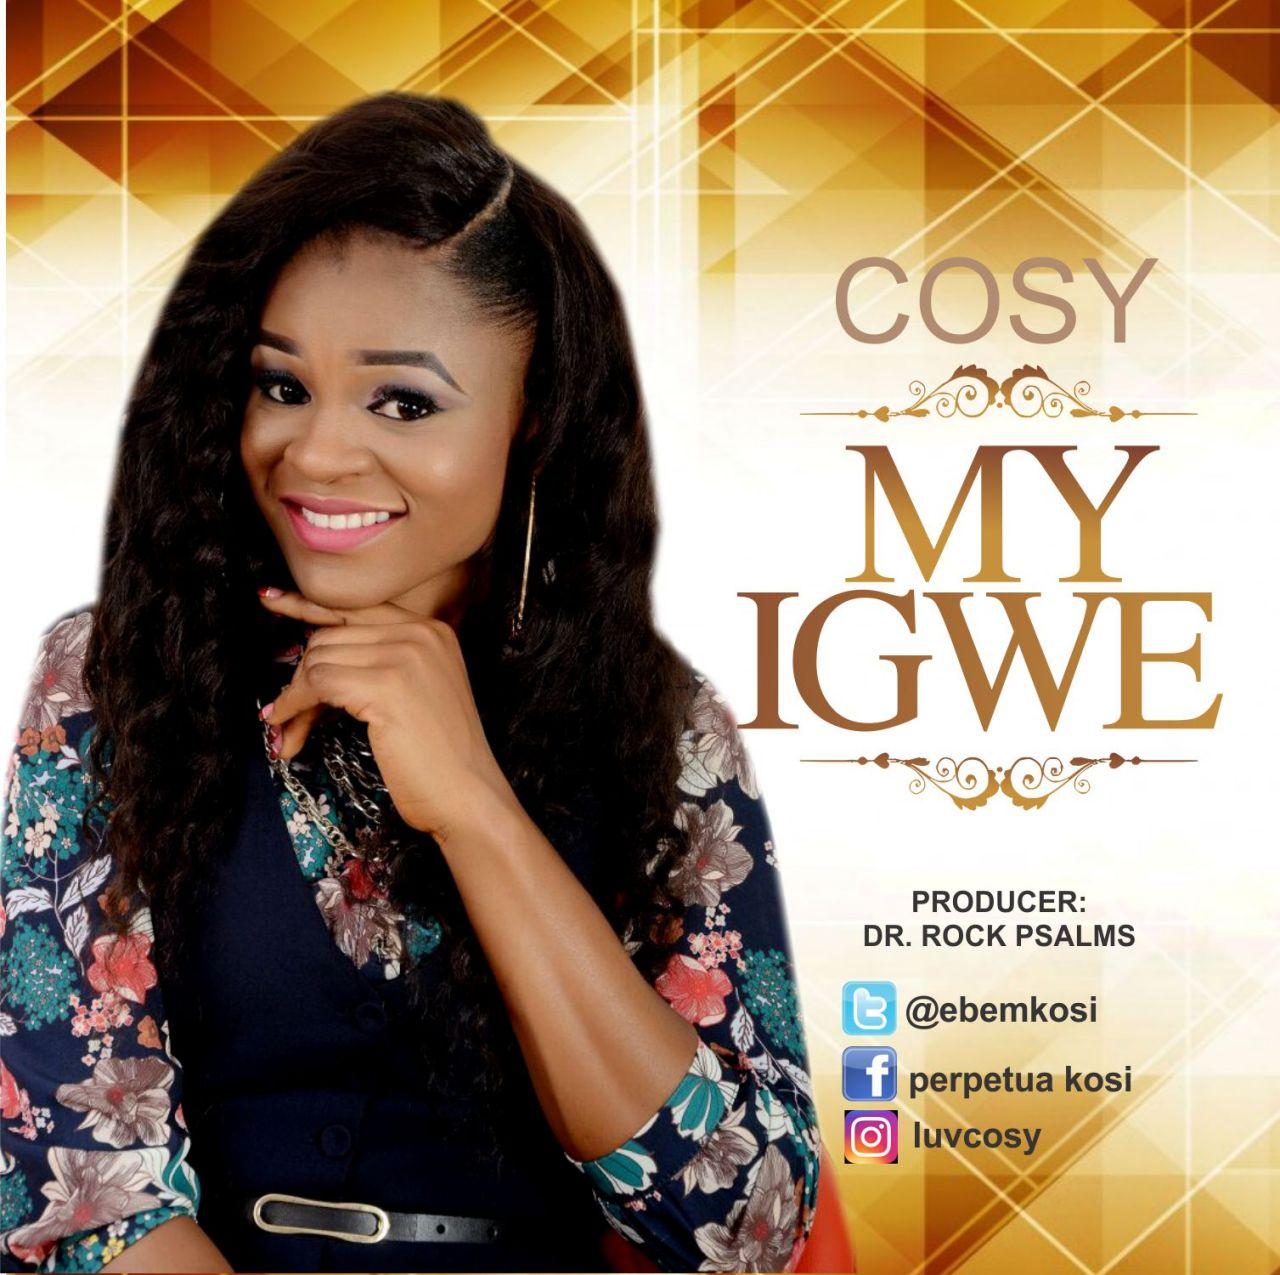 MY IGWE - Cosy [@EbemKosi]